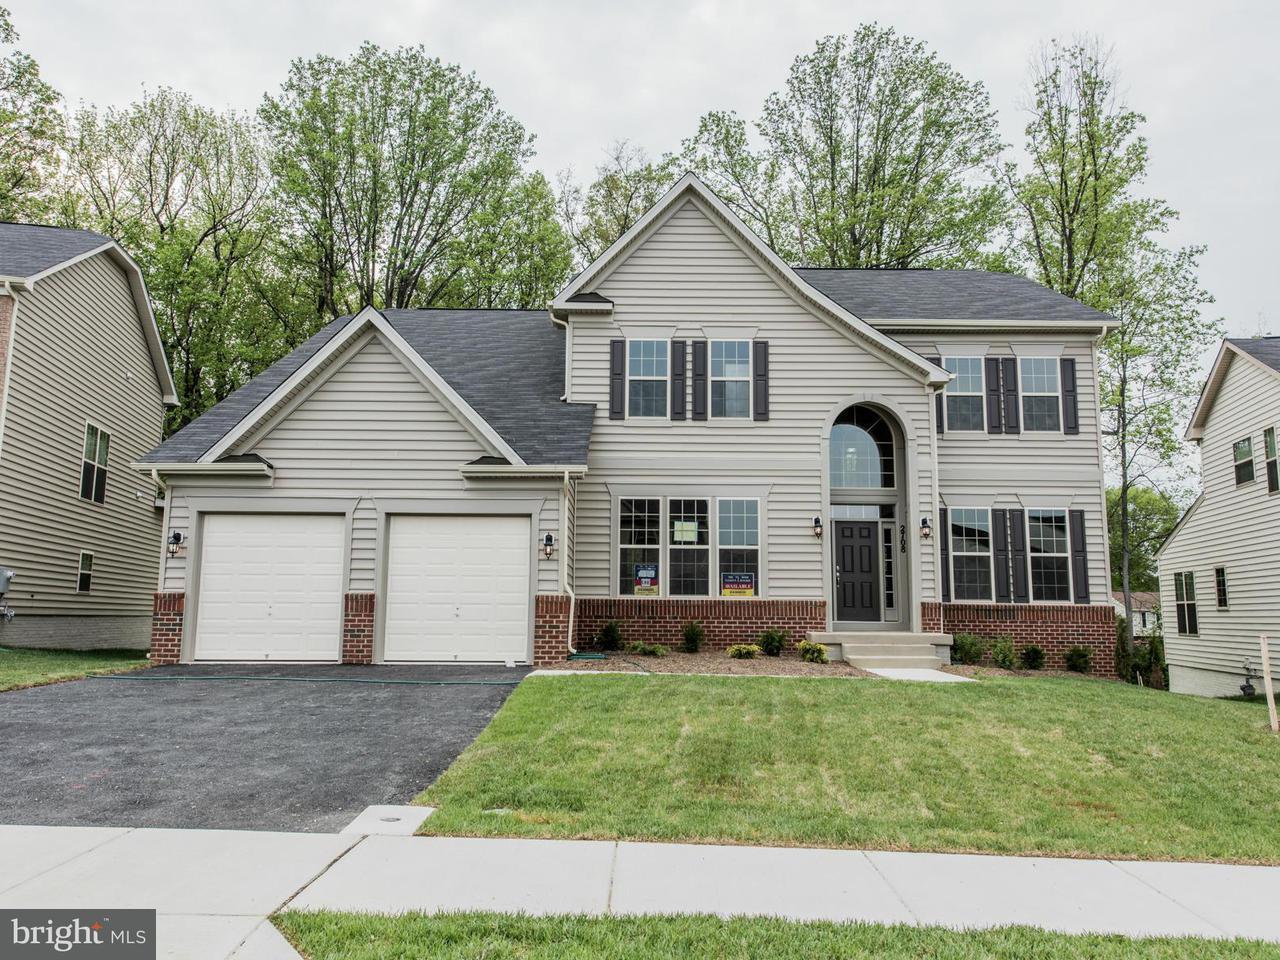 Частный односемейный дом для того Продажа на 2705 TROTTER PARK Lane 2705 TROTTER PARK Lane Glenarden, Мэриленд 20706 Соединенные Штаты